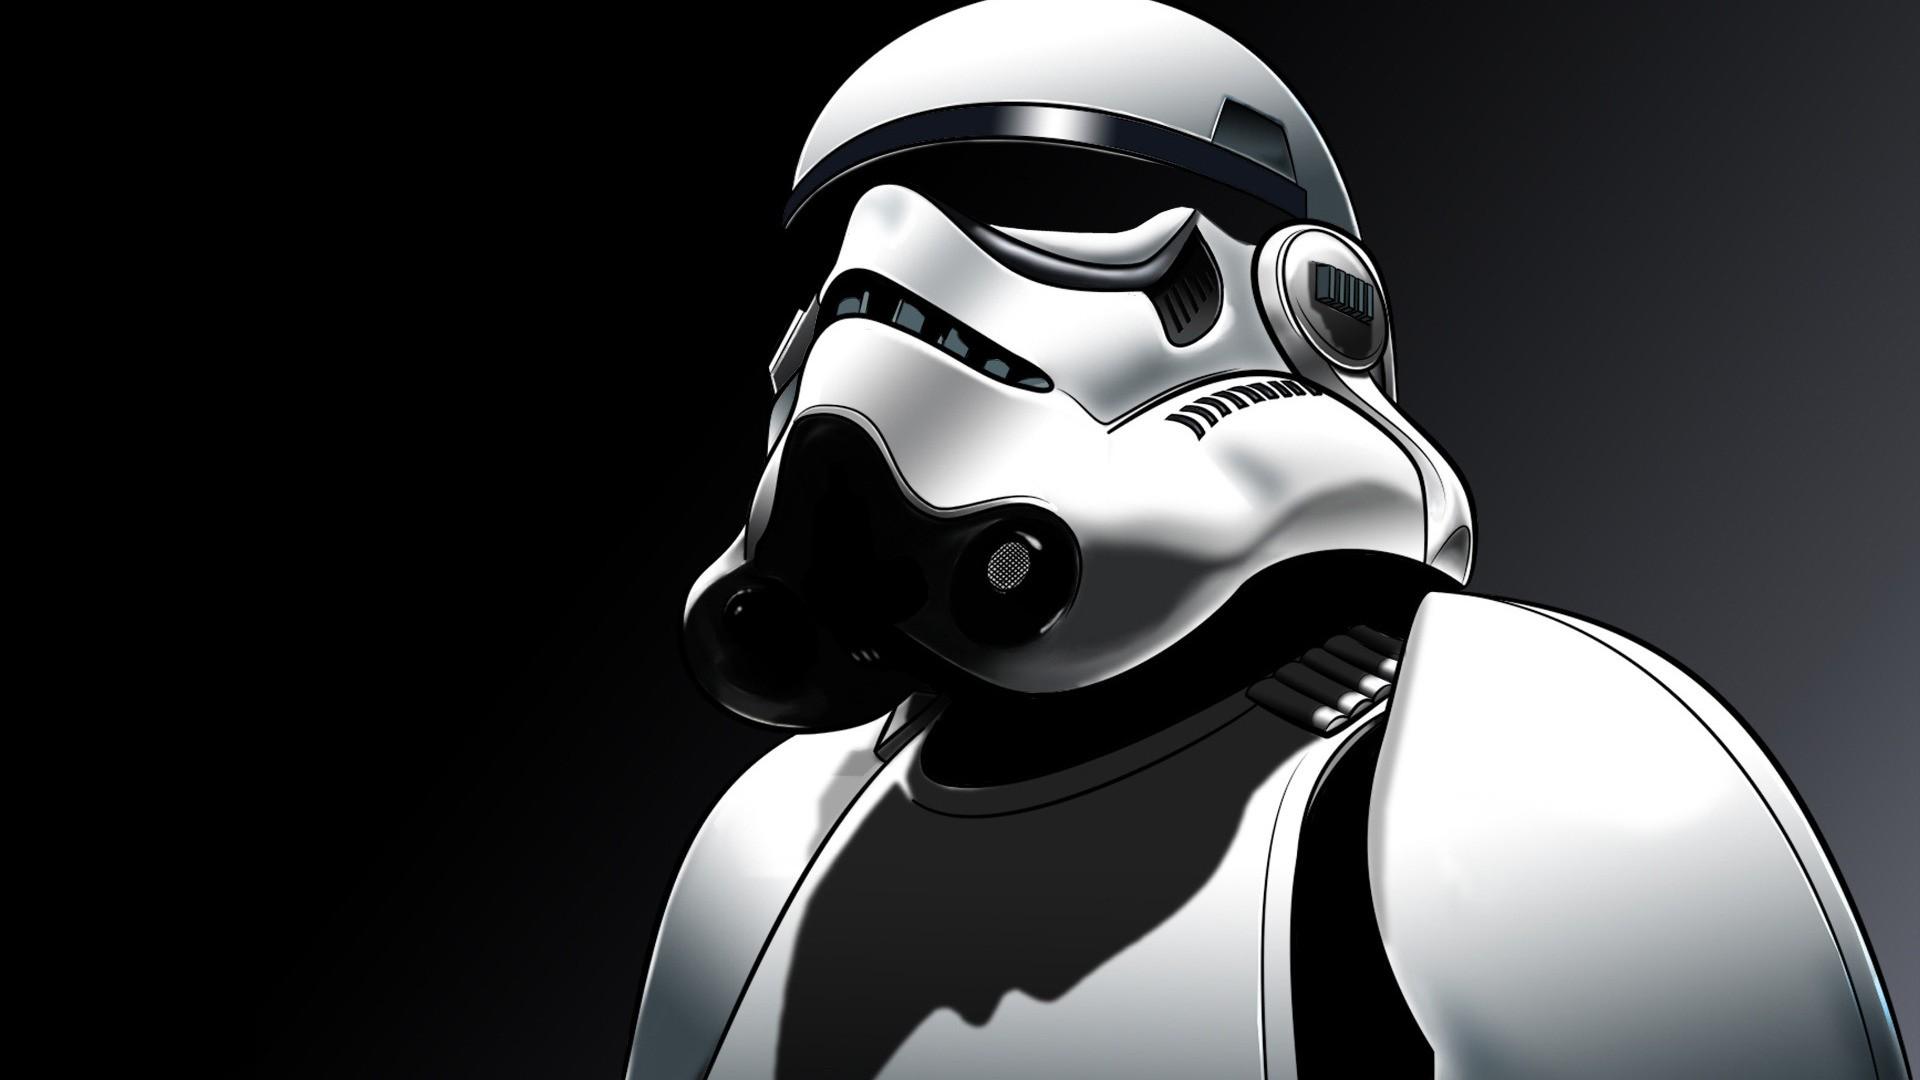 Star Wars Wallpaper 1920x1080 Star Wars Stormtroopers 1920x1080